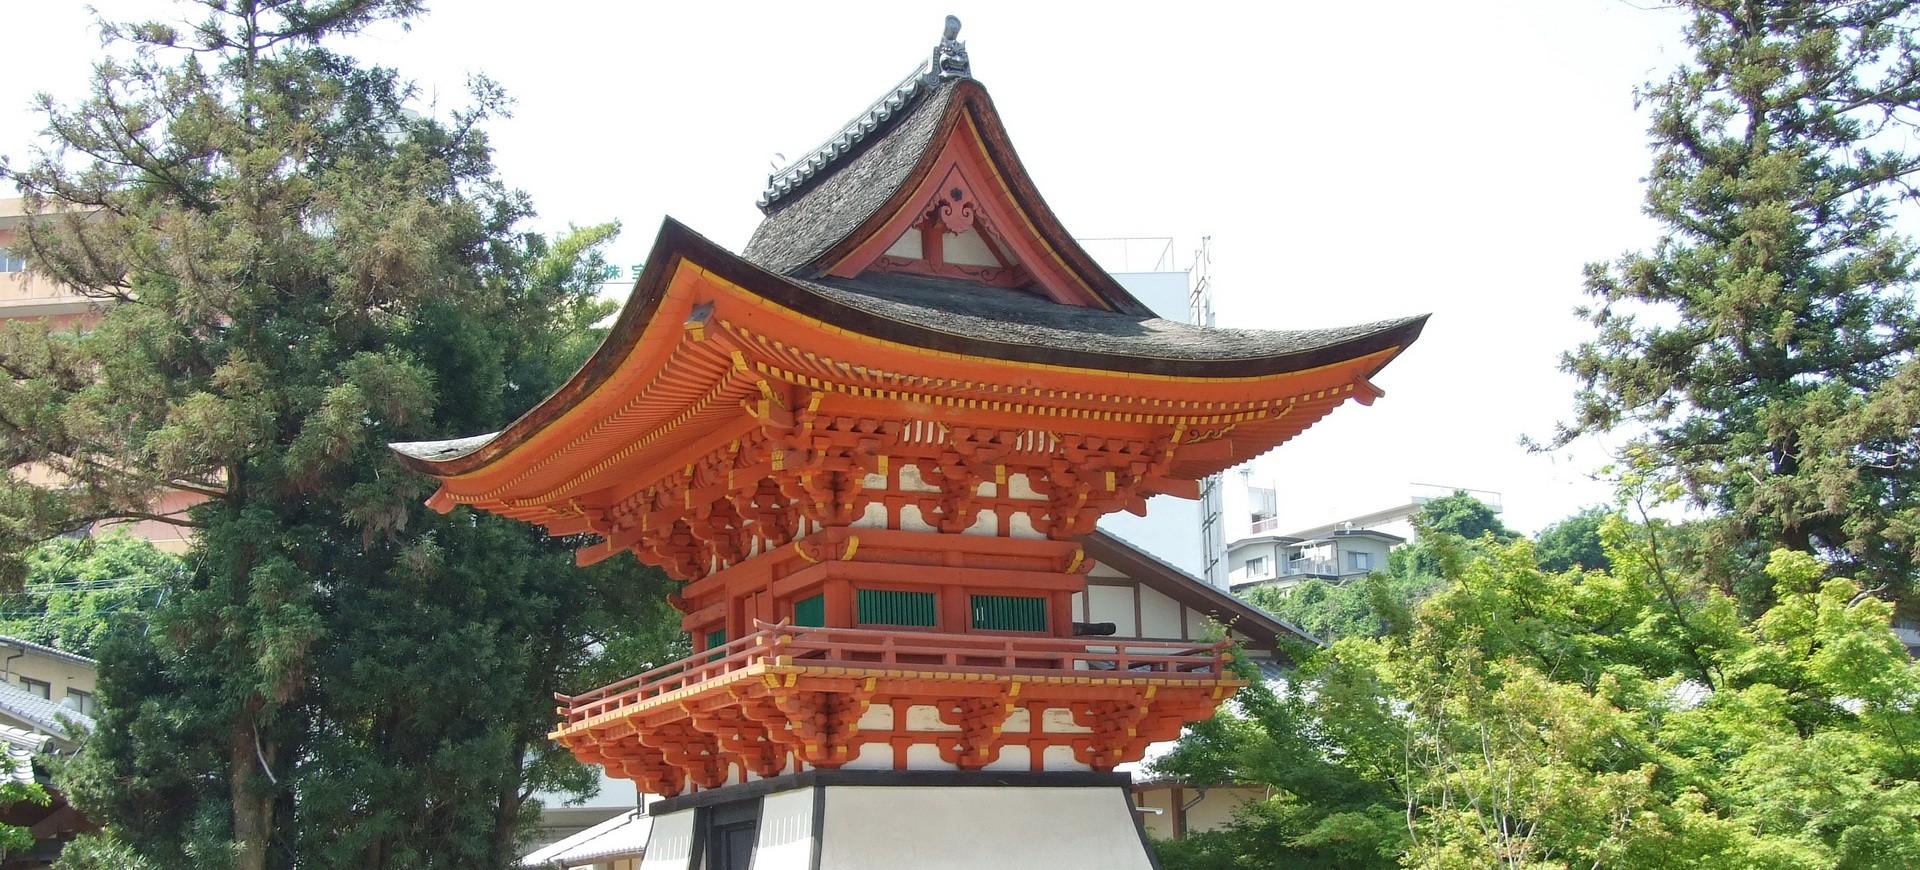 Japon Hiroshima Fudoin Pine Temple 001